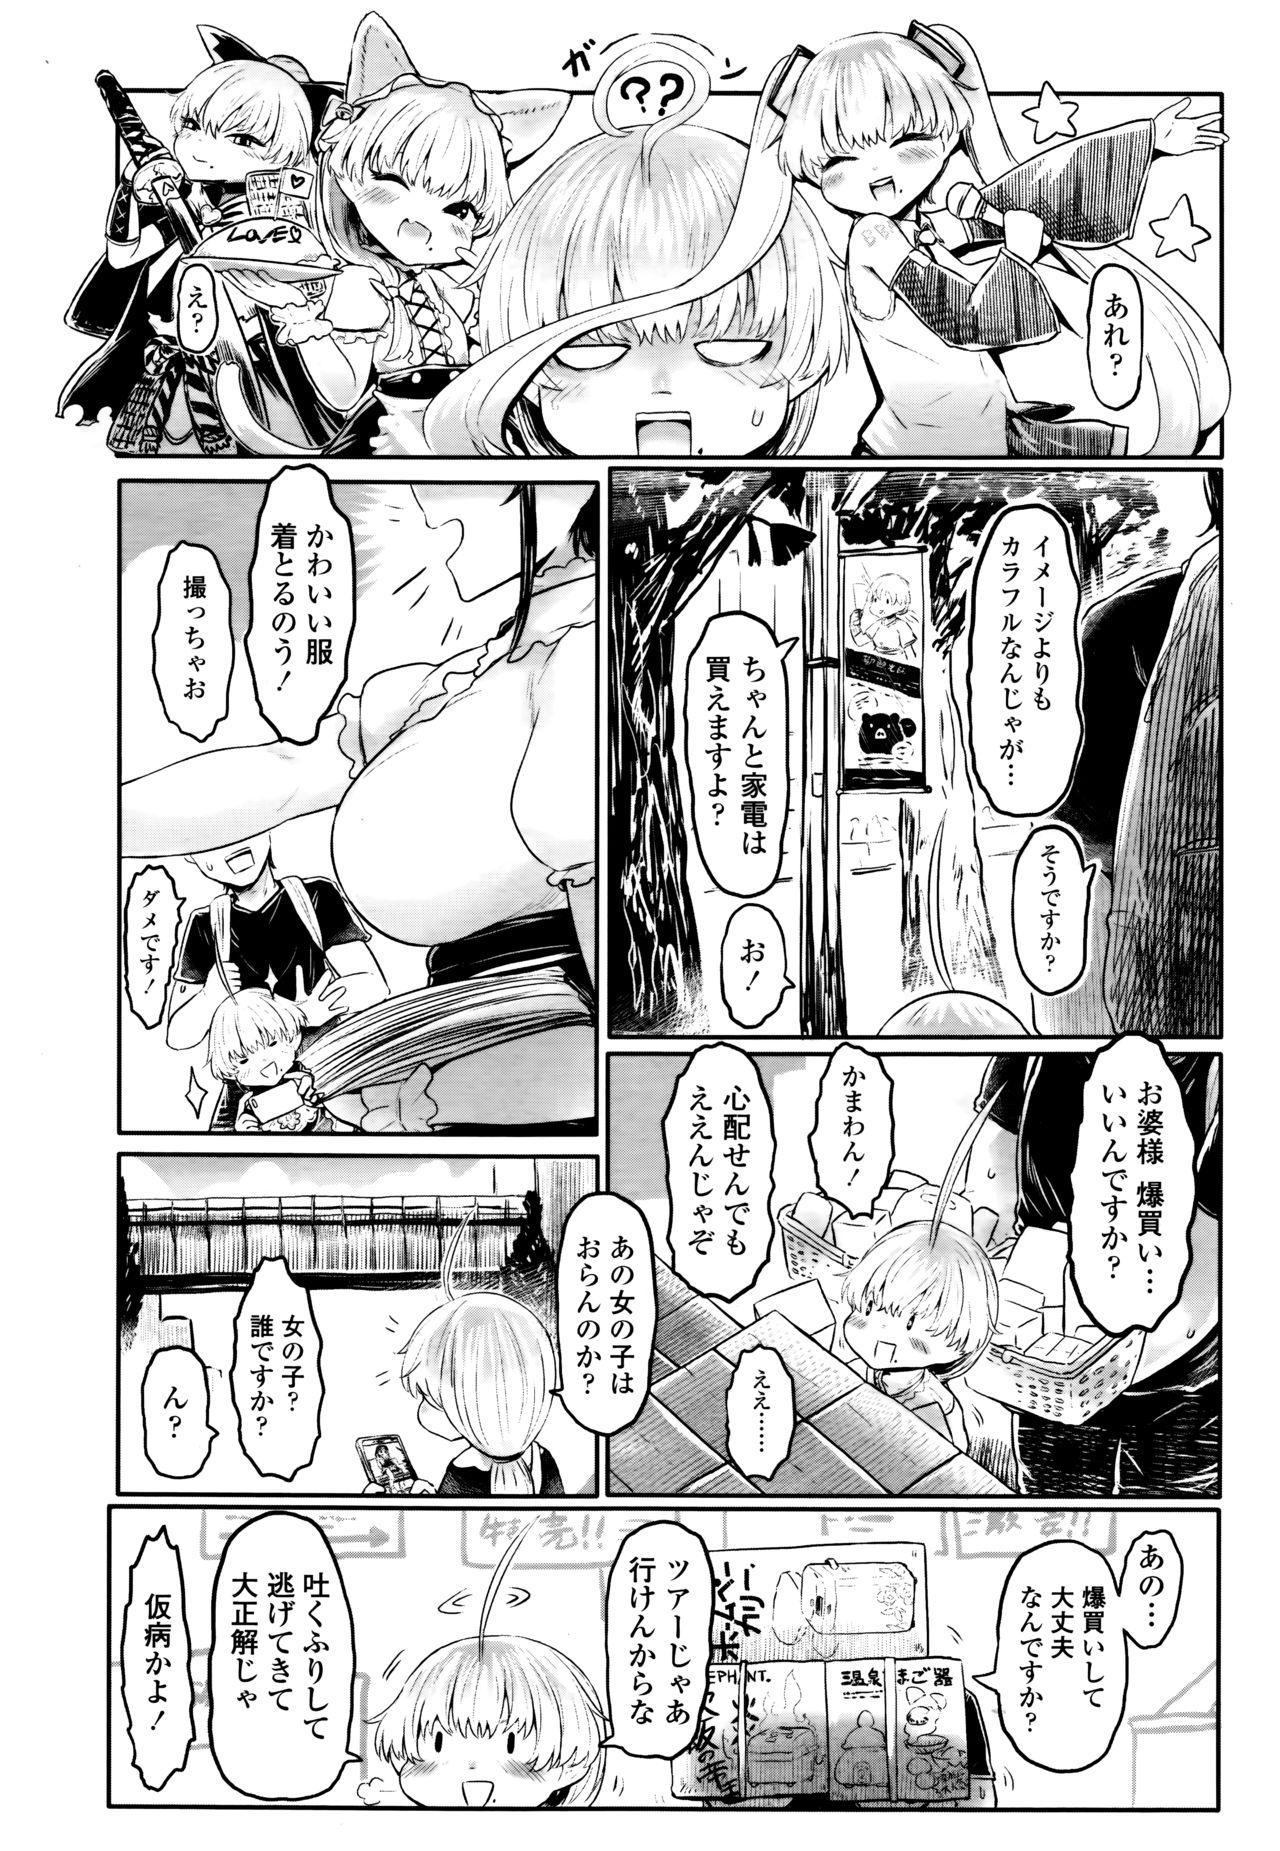 Towako 6 171